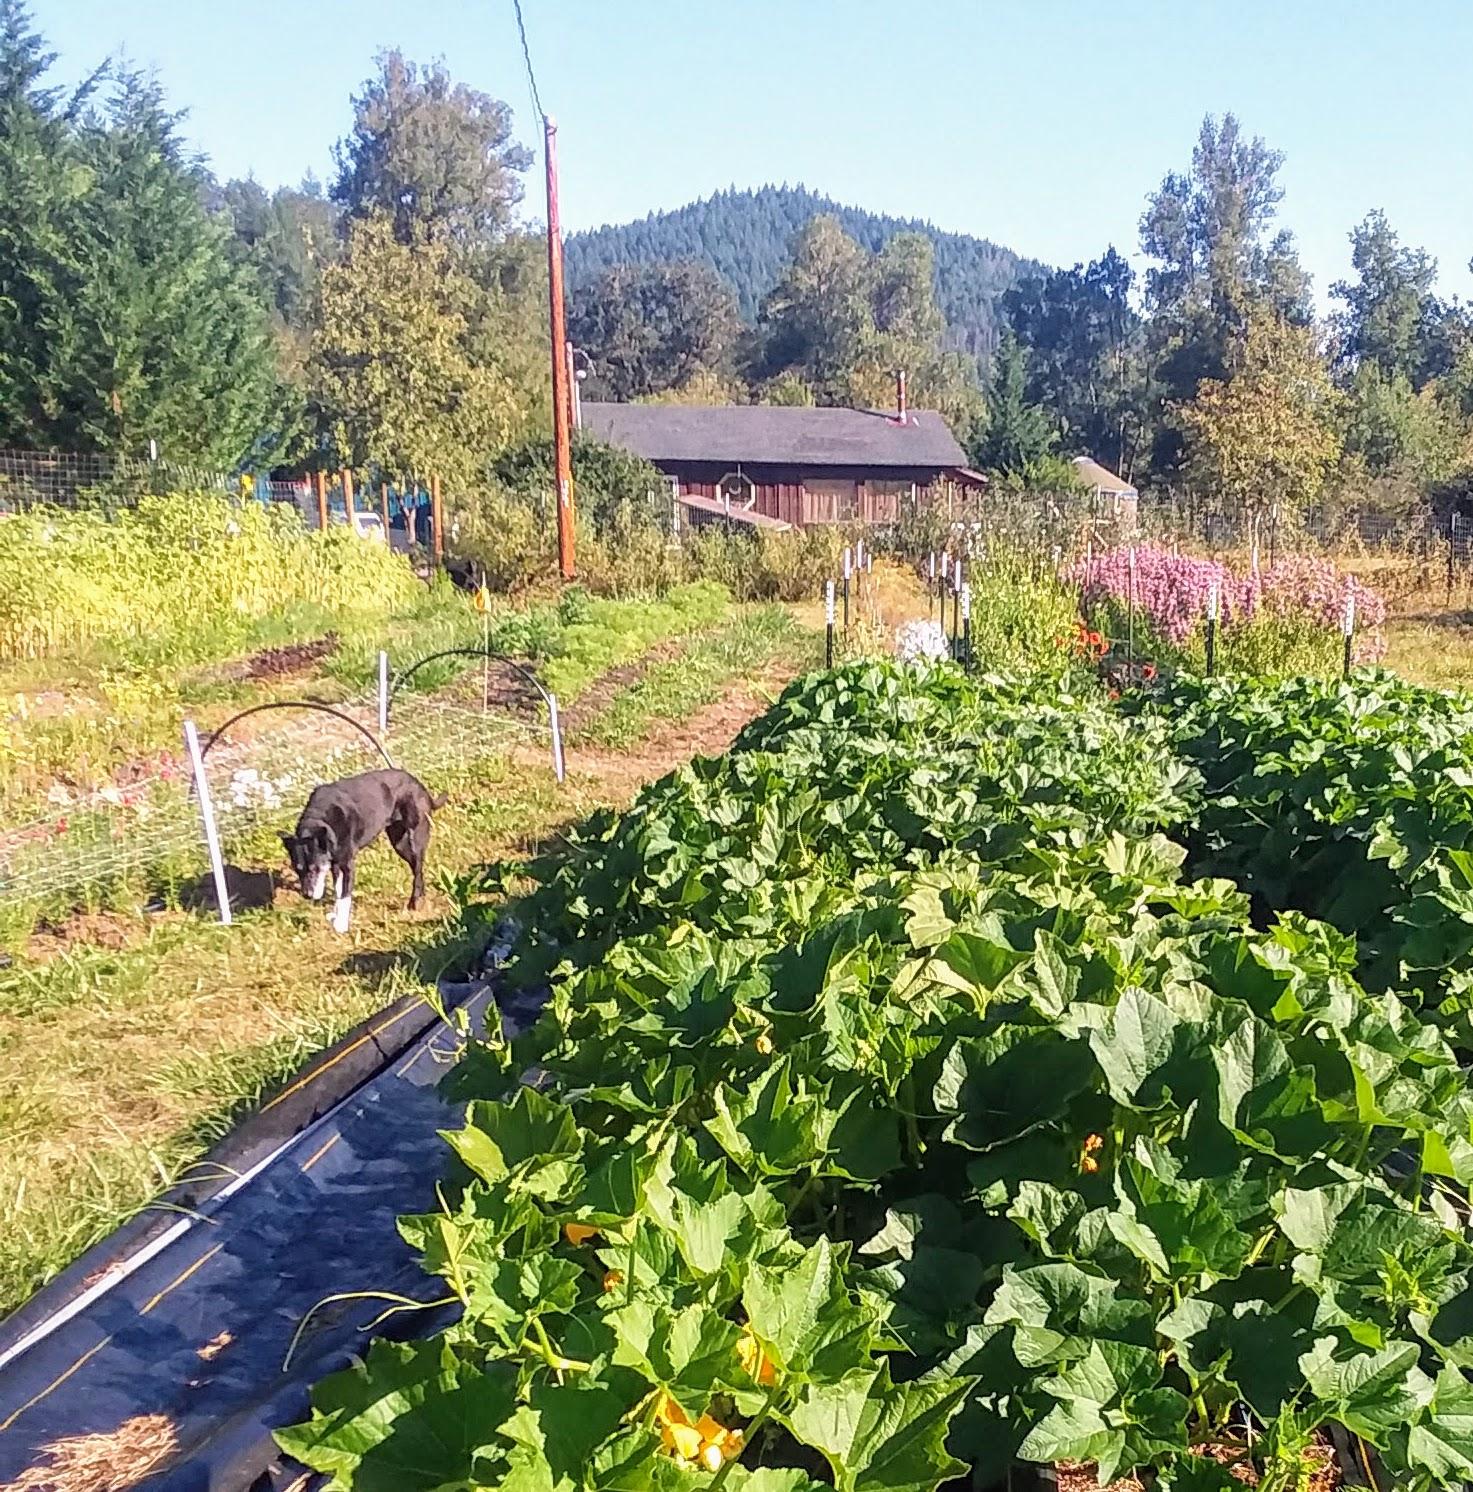 Frida and the farm.jpg